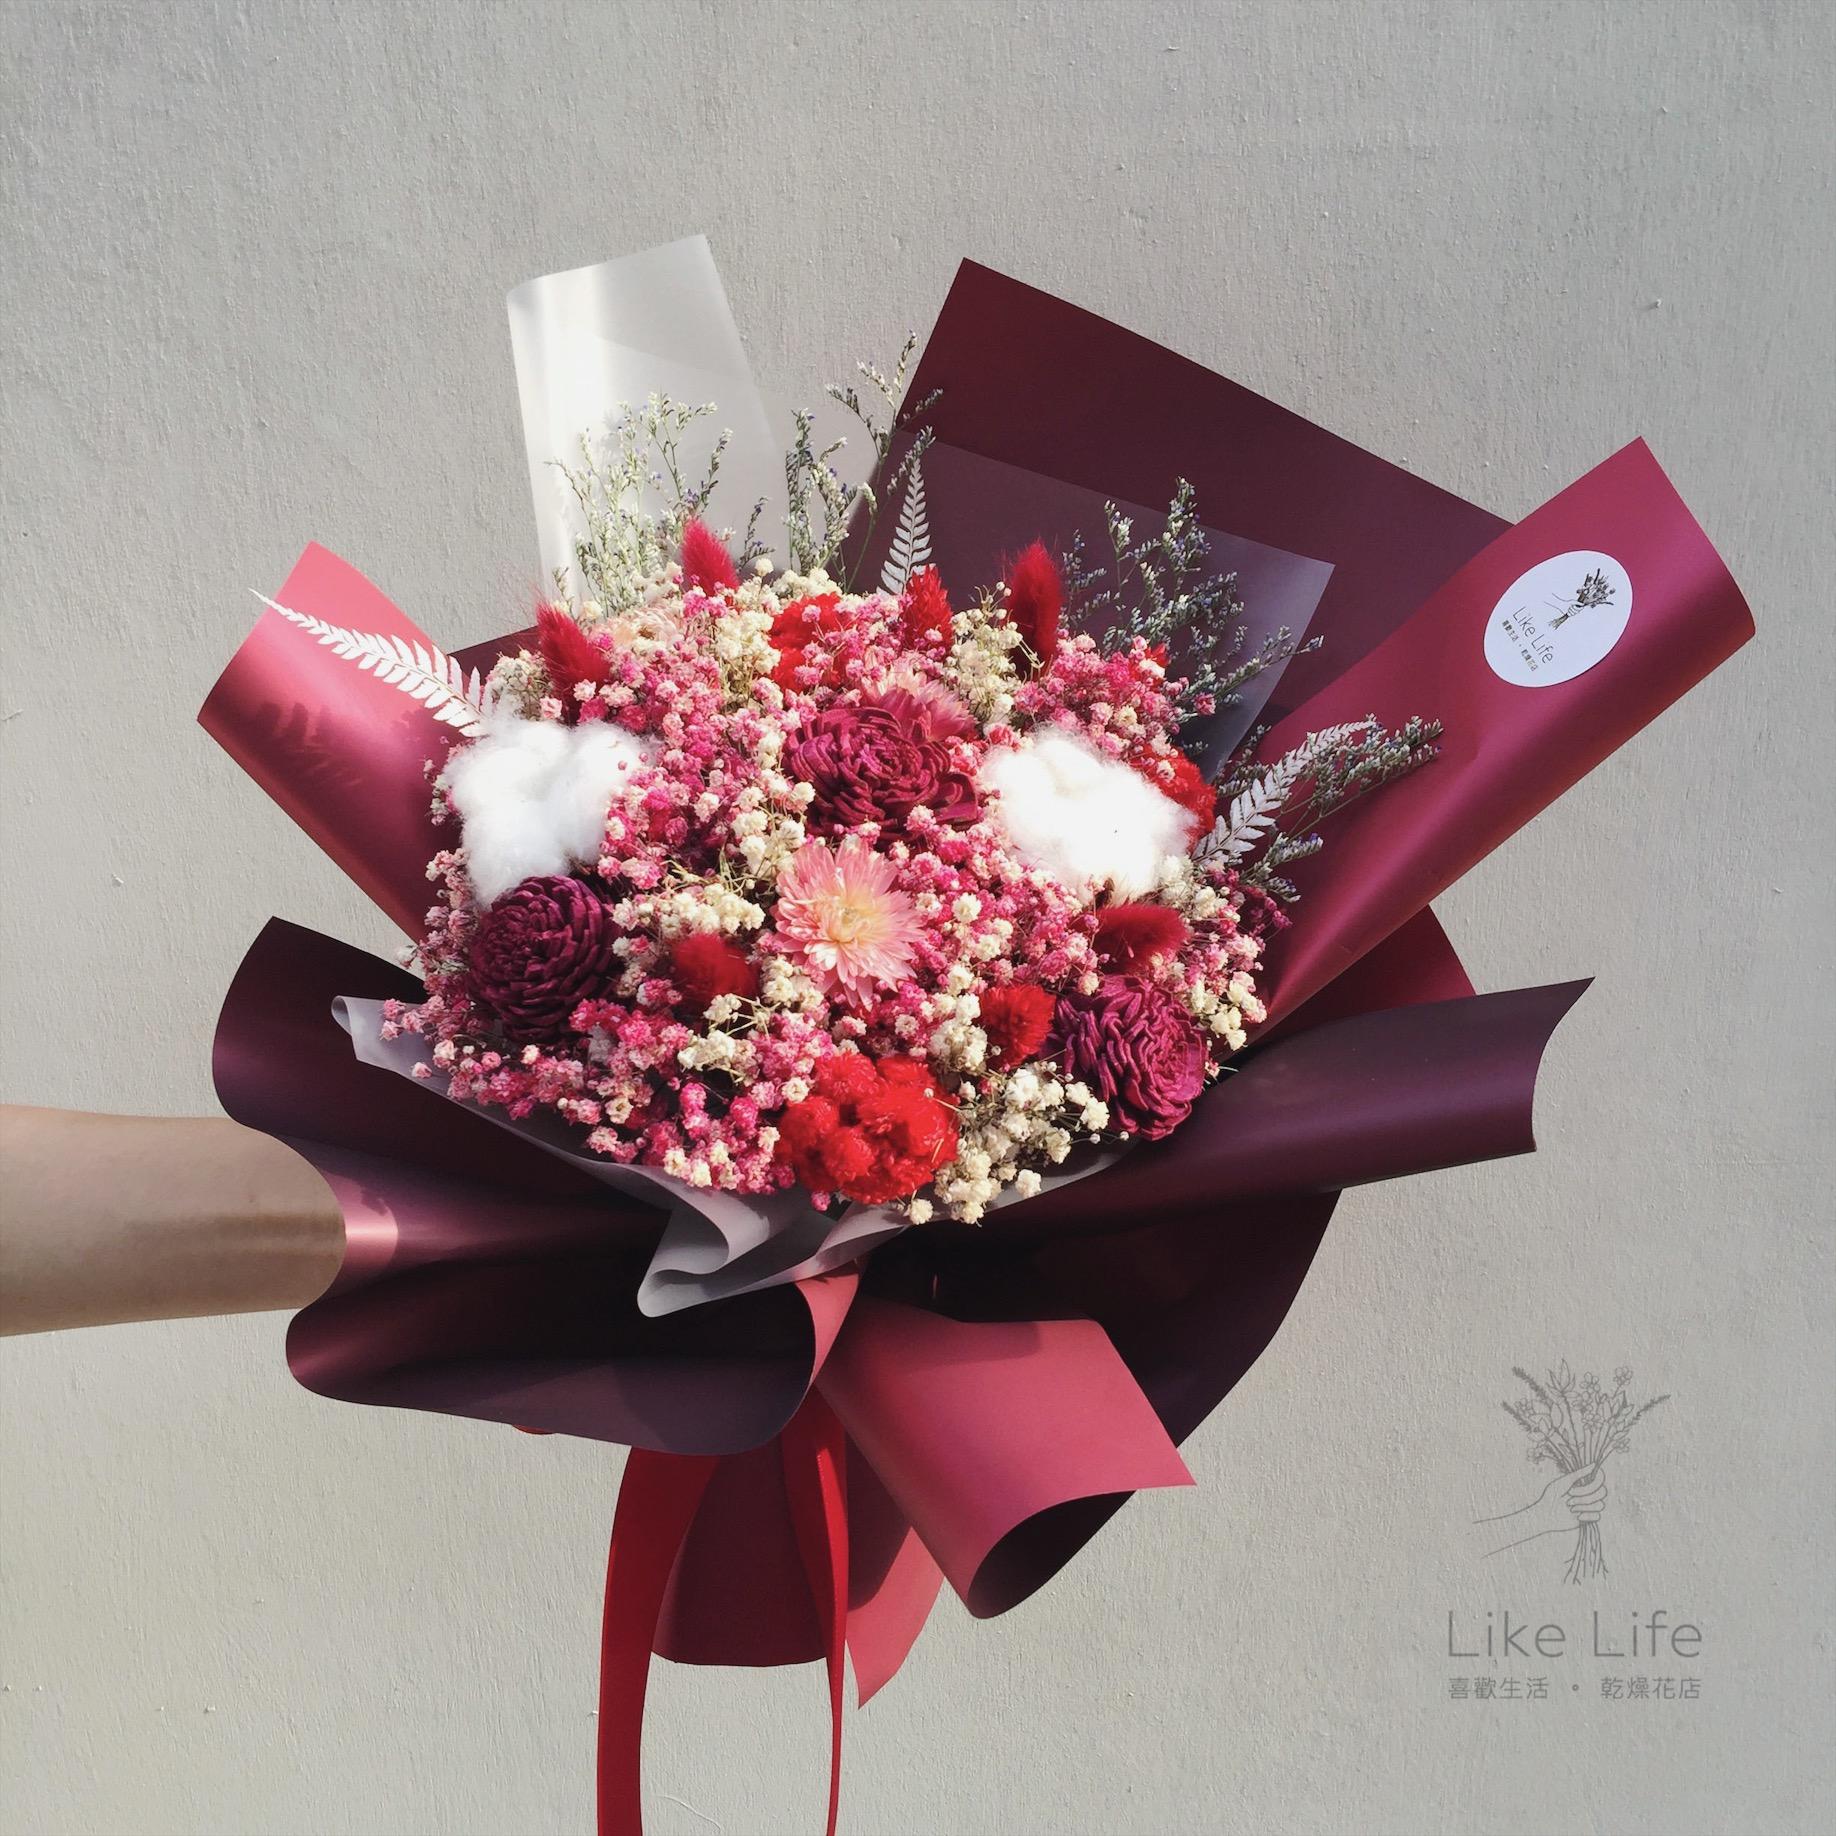 母親節喜歡生活乾燥花店中型韓式乾燥花束-2018流行大地裸紅色